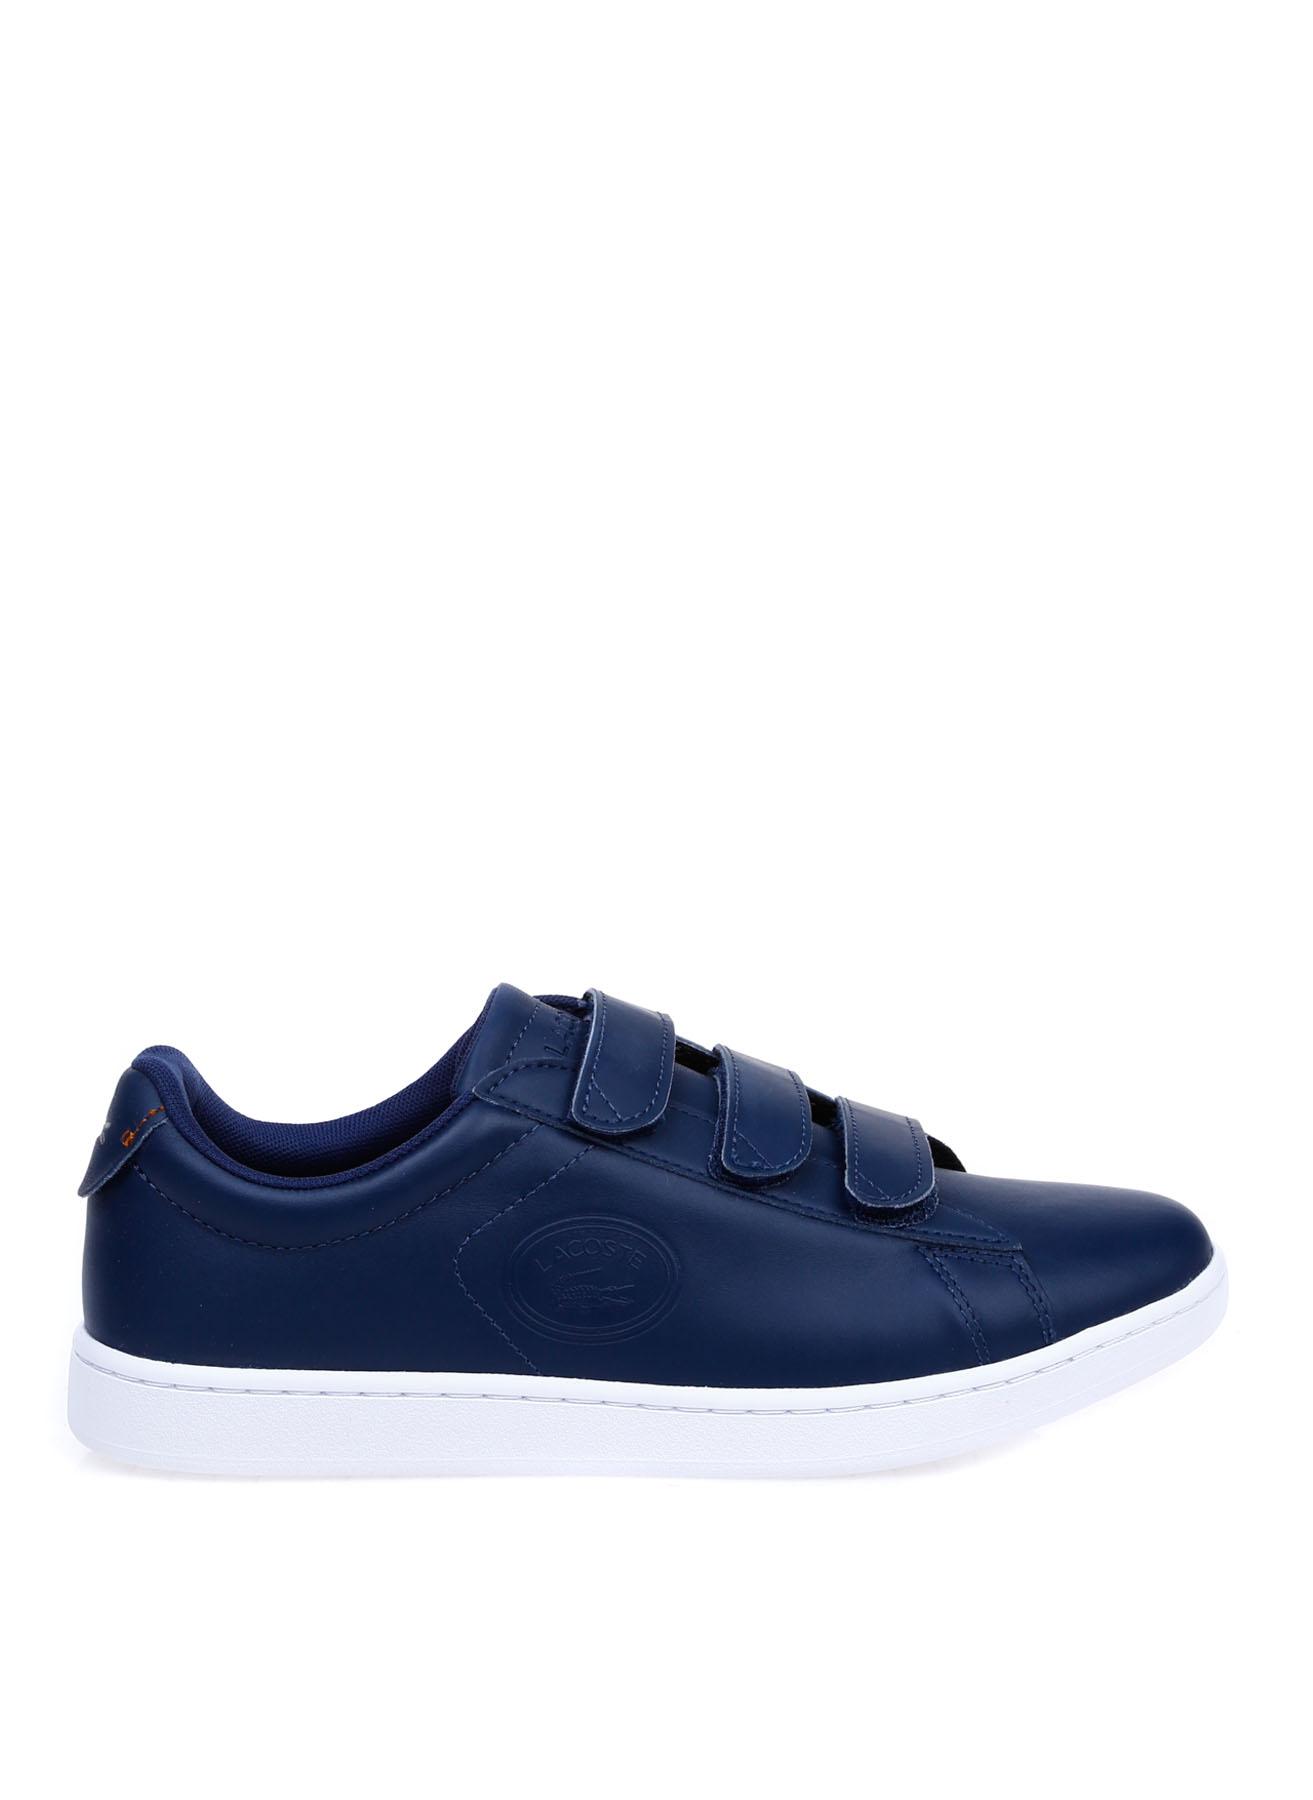 Lacoste Kadın Deri Cırtcırtlı Lacivert-Beyaz Sneaker 36 5002312563001 Ürün Resmi